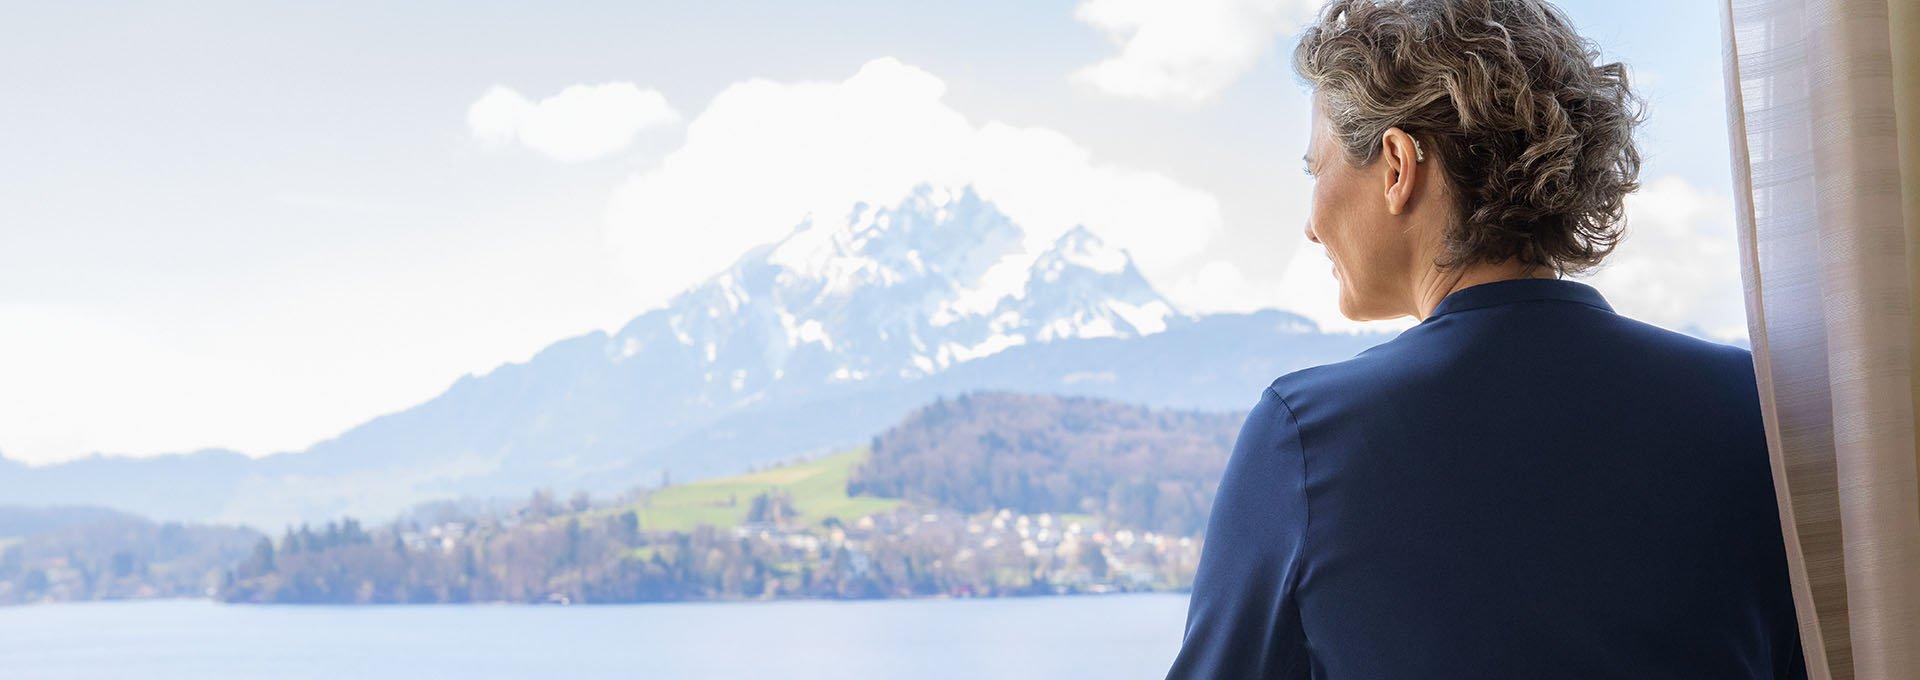 Nainen, jolla on ladattavat Bernafon Alpha -kuulokojeet, nauttii Sveitsin järvi- ja vuoristomaisemista hotellin ikkunasta